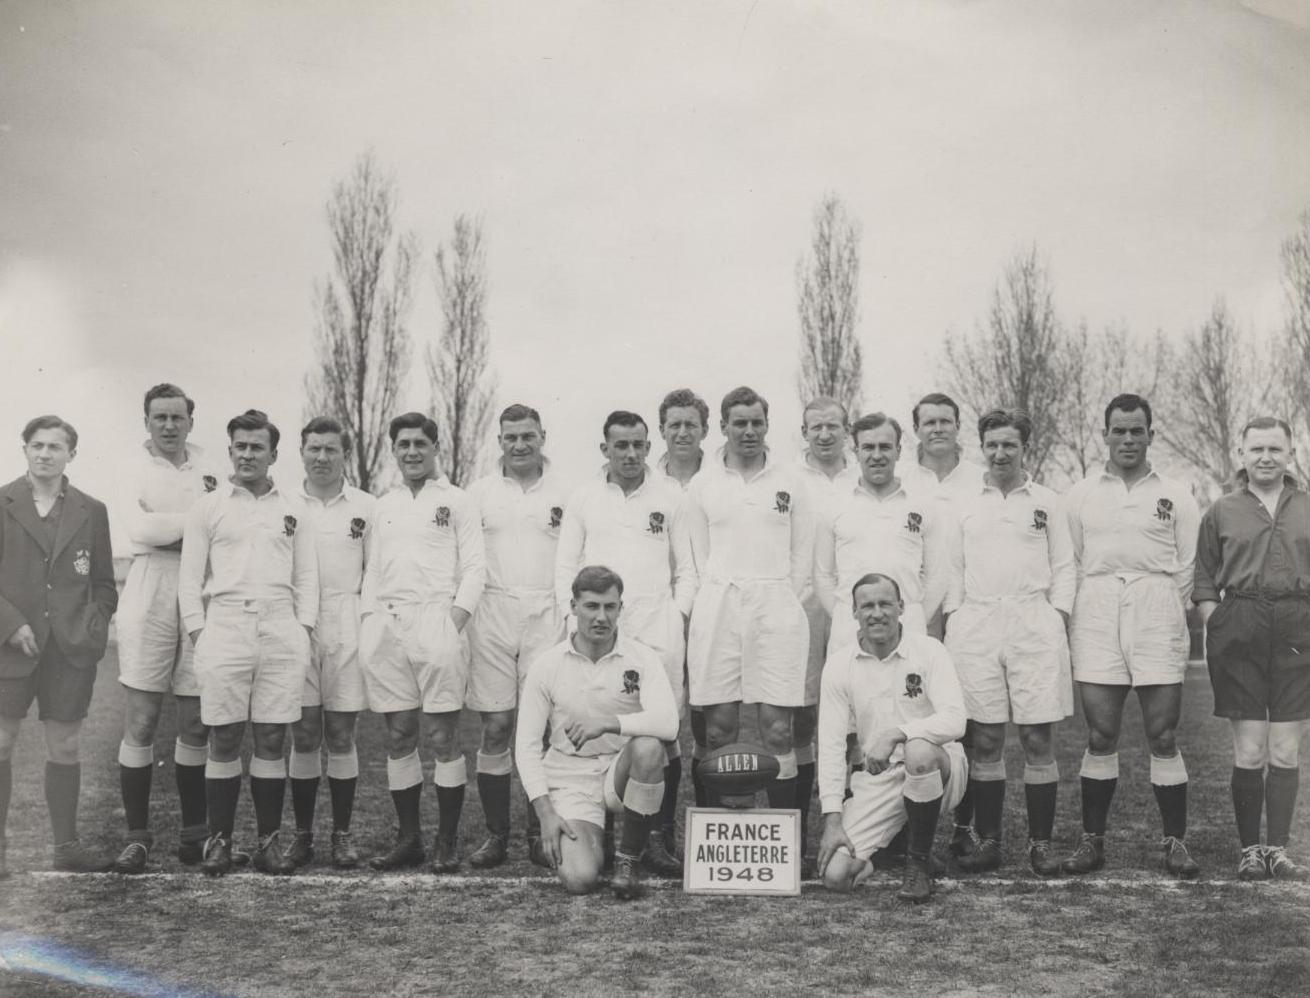 England rugby team v France, 1948